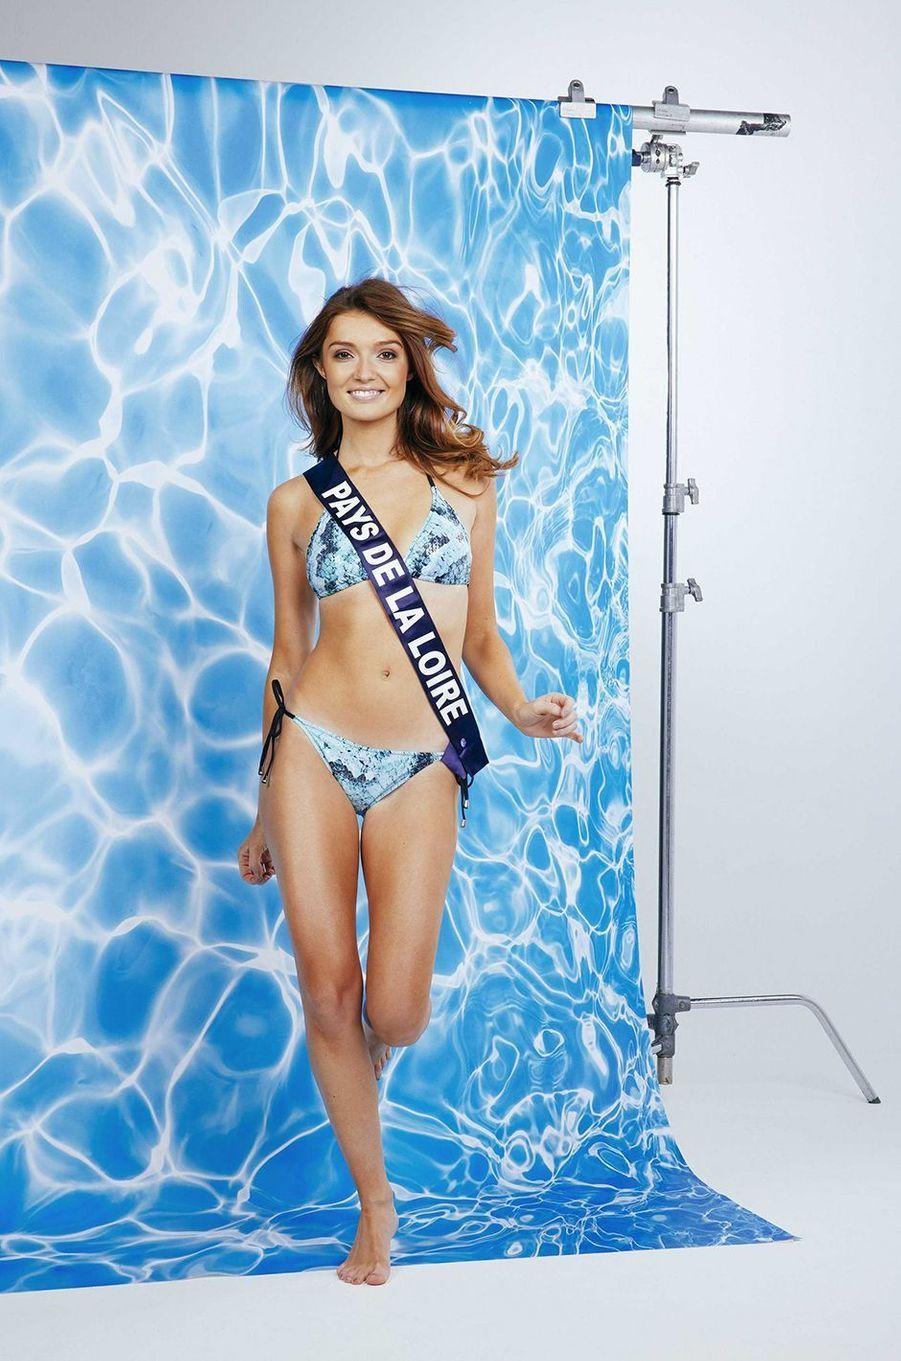 Miss Pays-de-la-Loire, Julie Tagliavacca